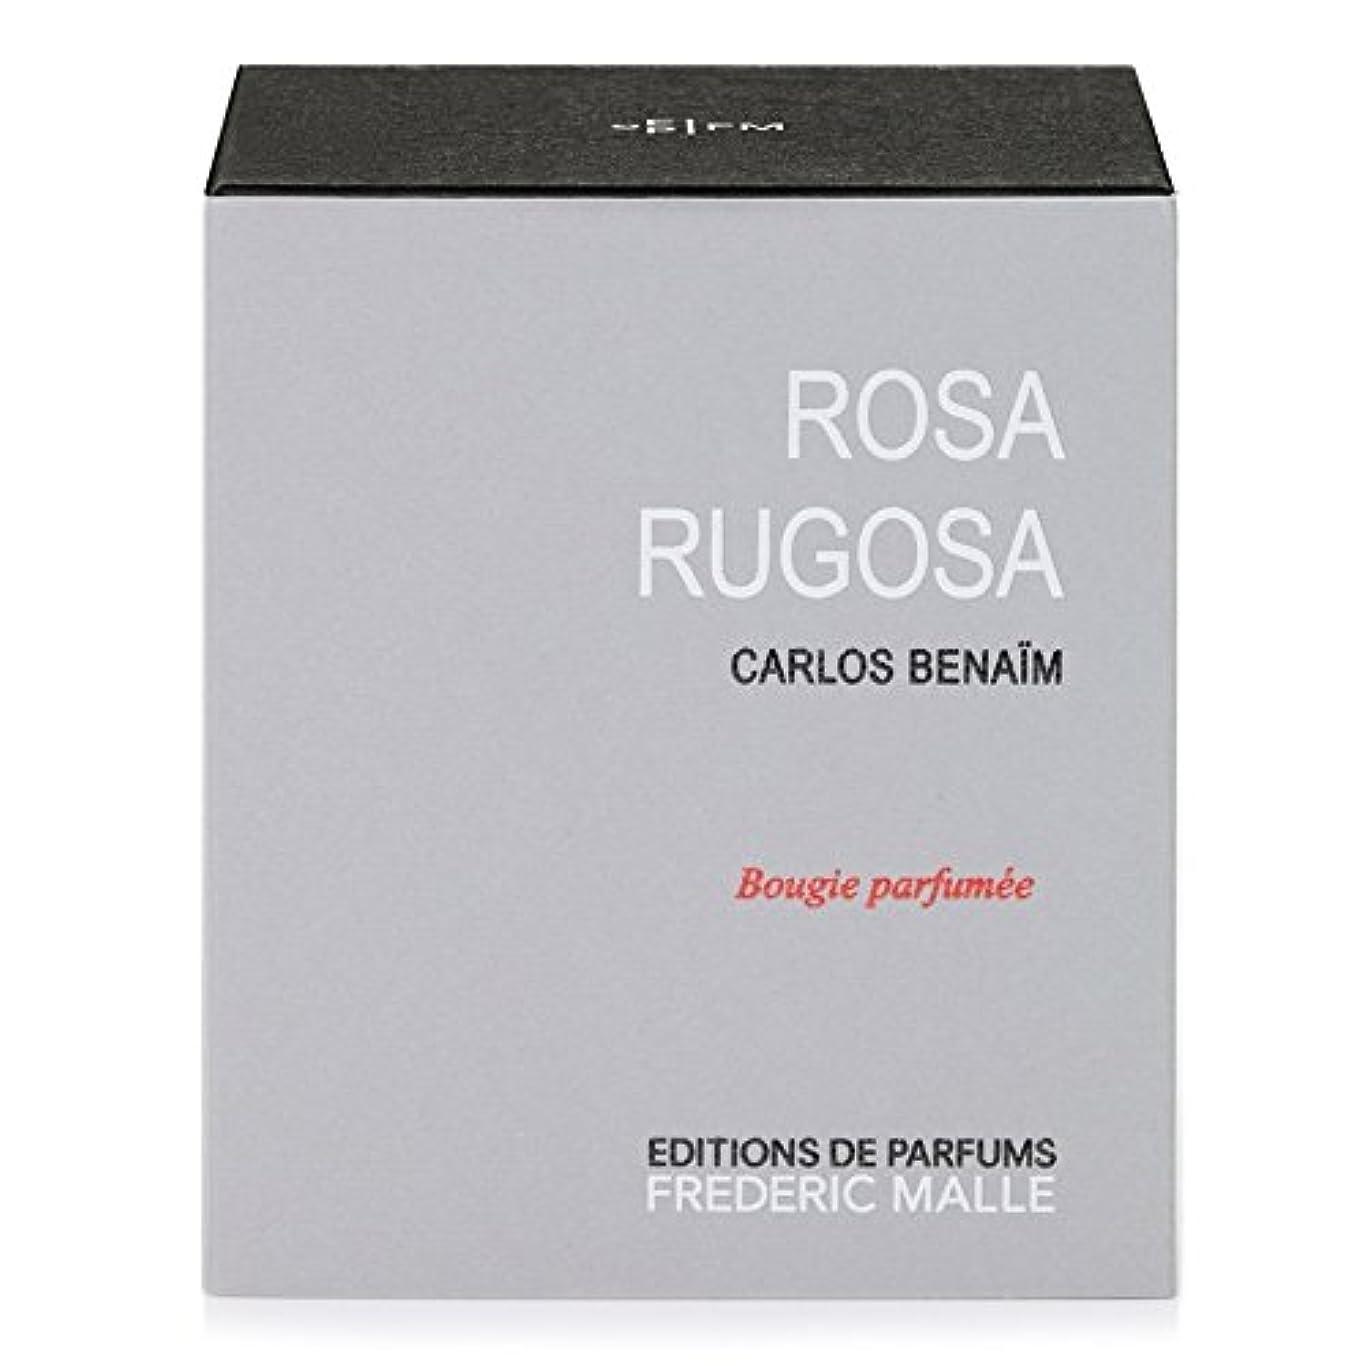 ターミナルお客様象フレデリック?マルハマナスの香りのキャンドル x6 - Frederic Malle Rosa Rugosa Scented Candle (Pack of 6) [並行輸入品]